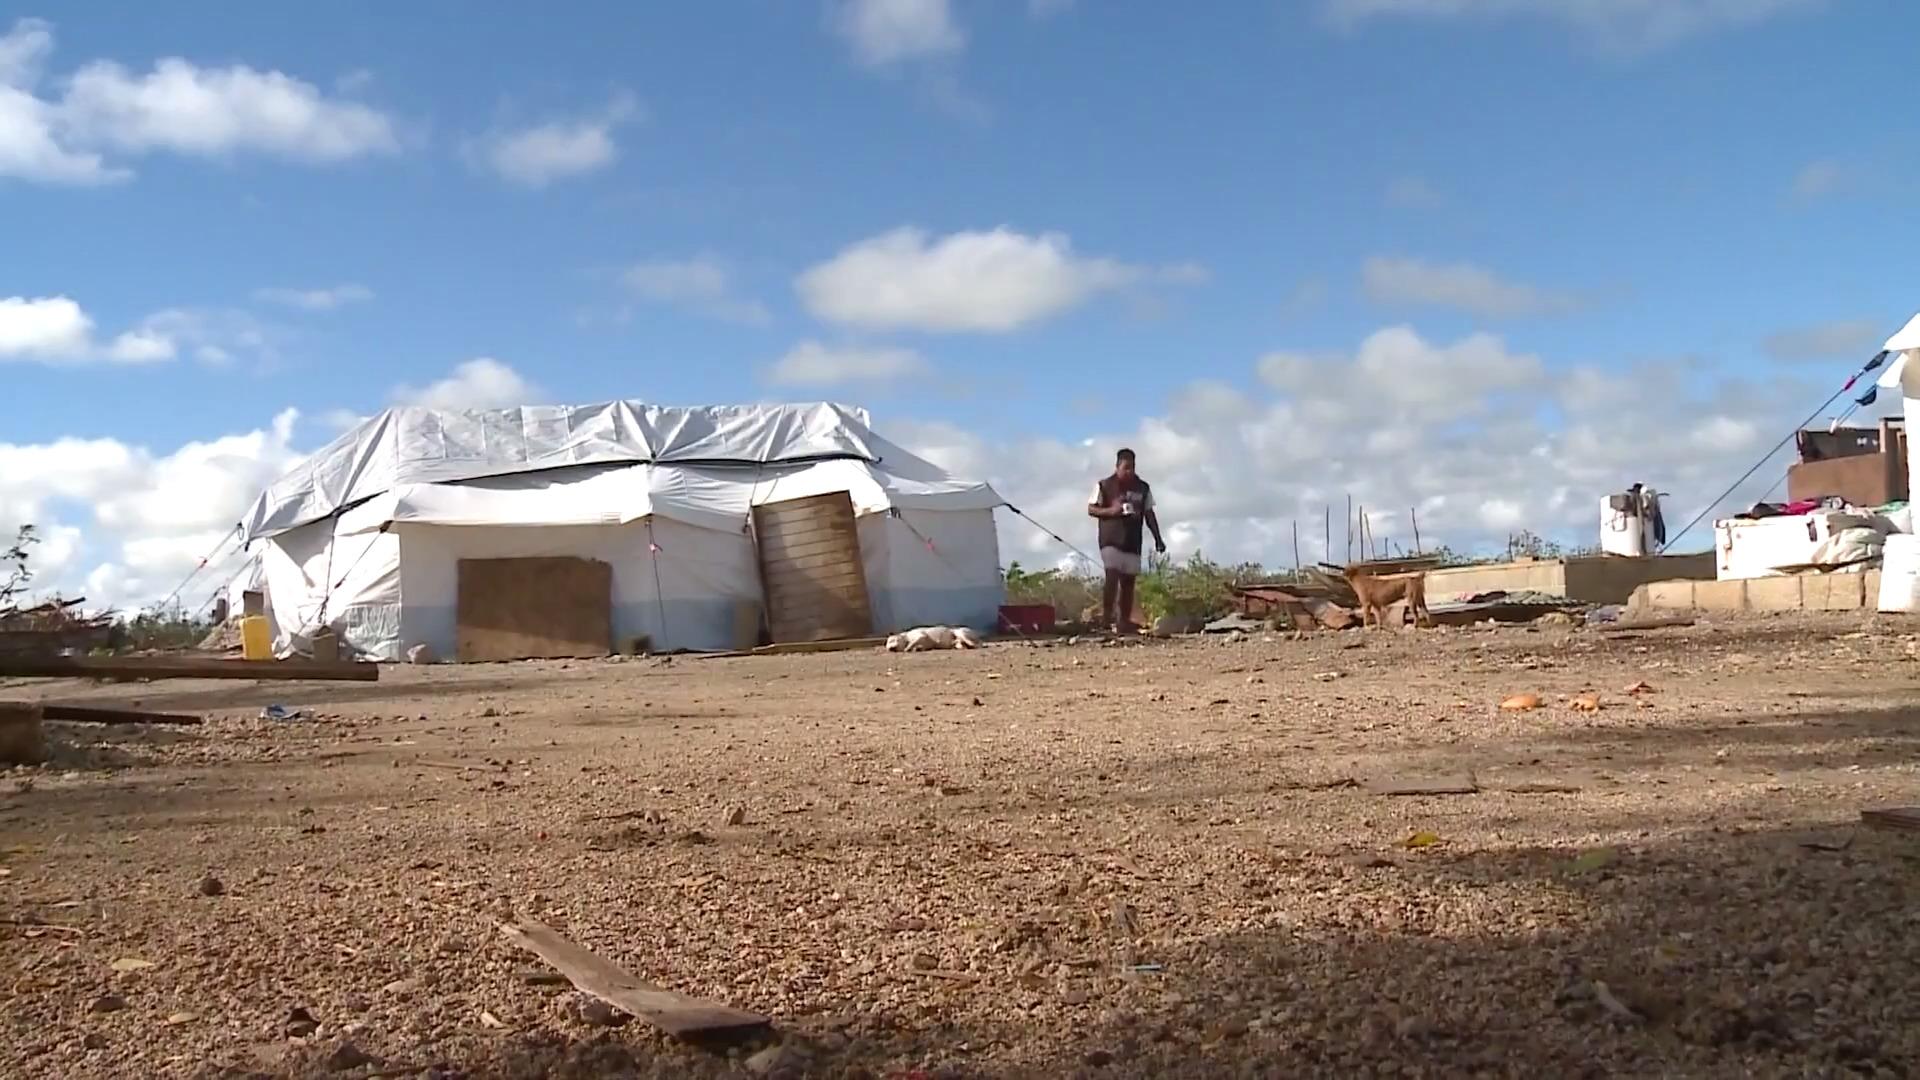 Video for E īnoi atu ana te Kiingi Māori mō ngā tākoha hei āwhina i te motu o Tonga